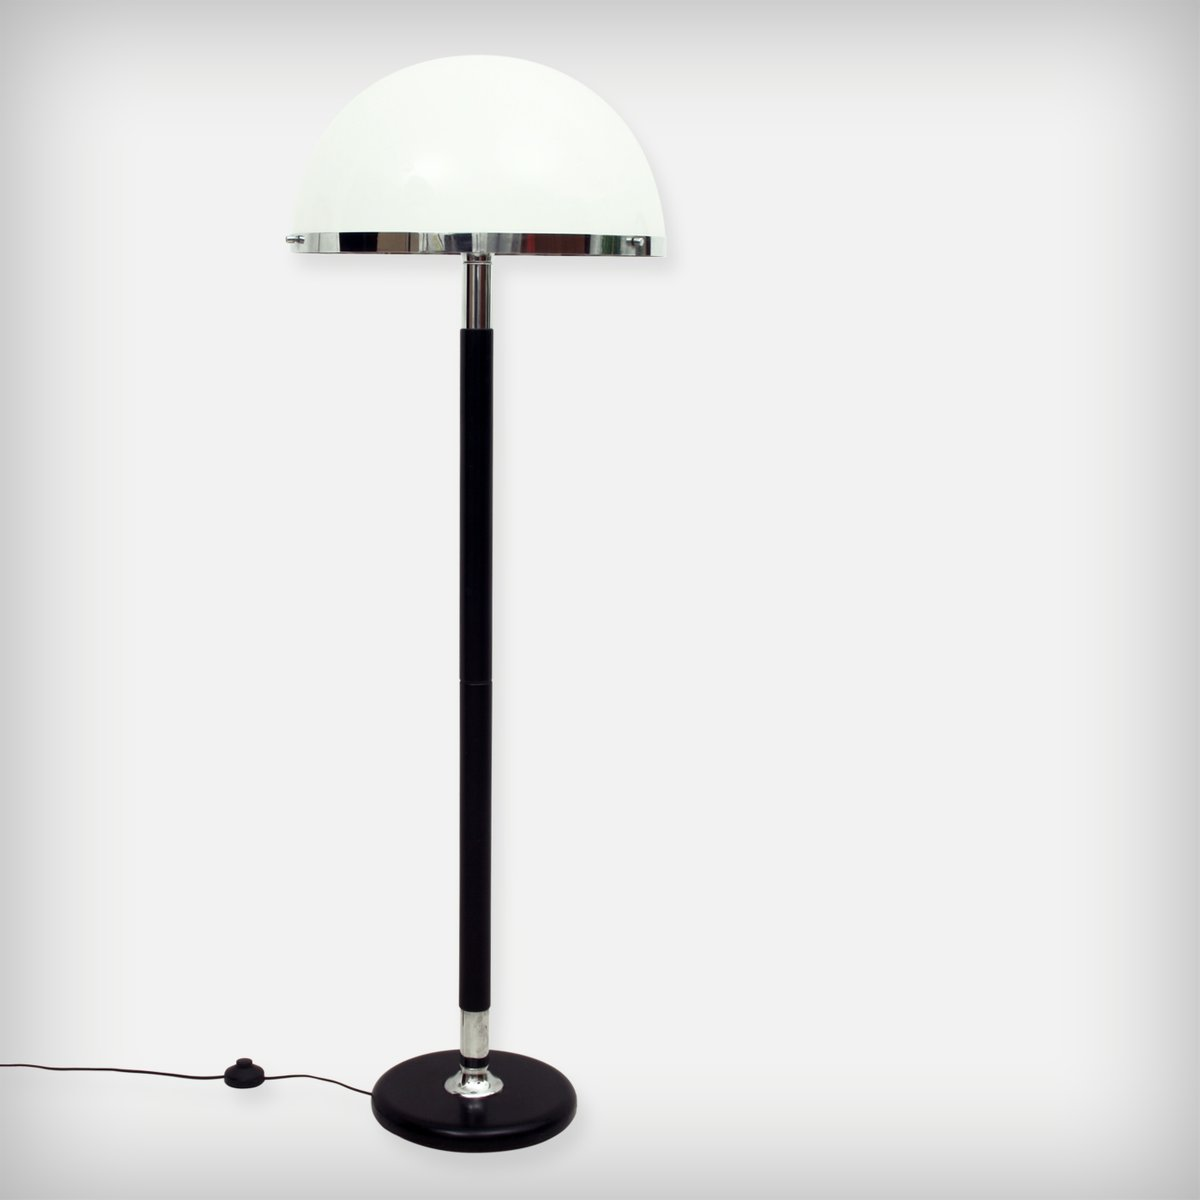 Schweizer Stehlampe aus Chrom, Holz & Plexiglas von Temde Leuchten, 19...